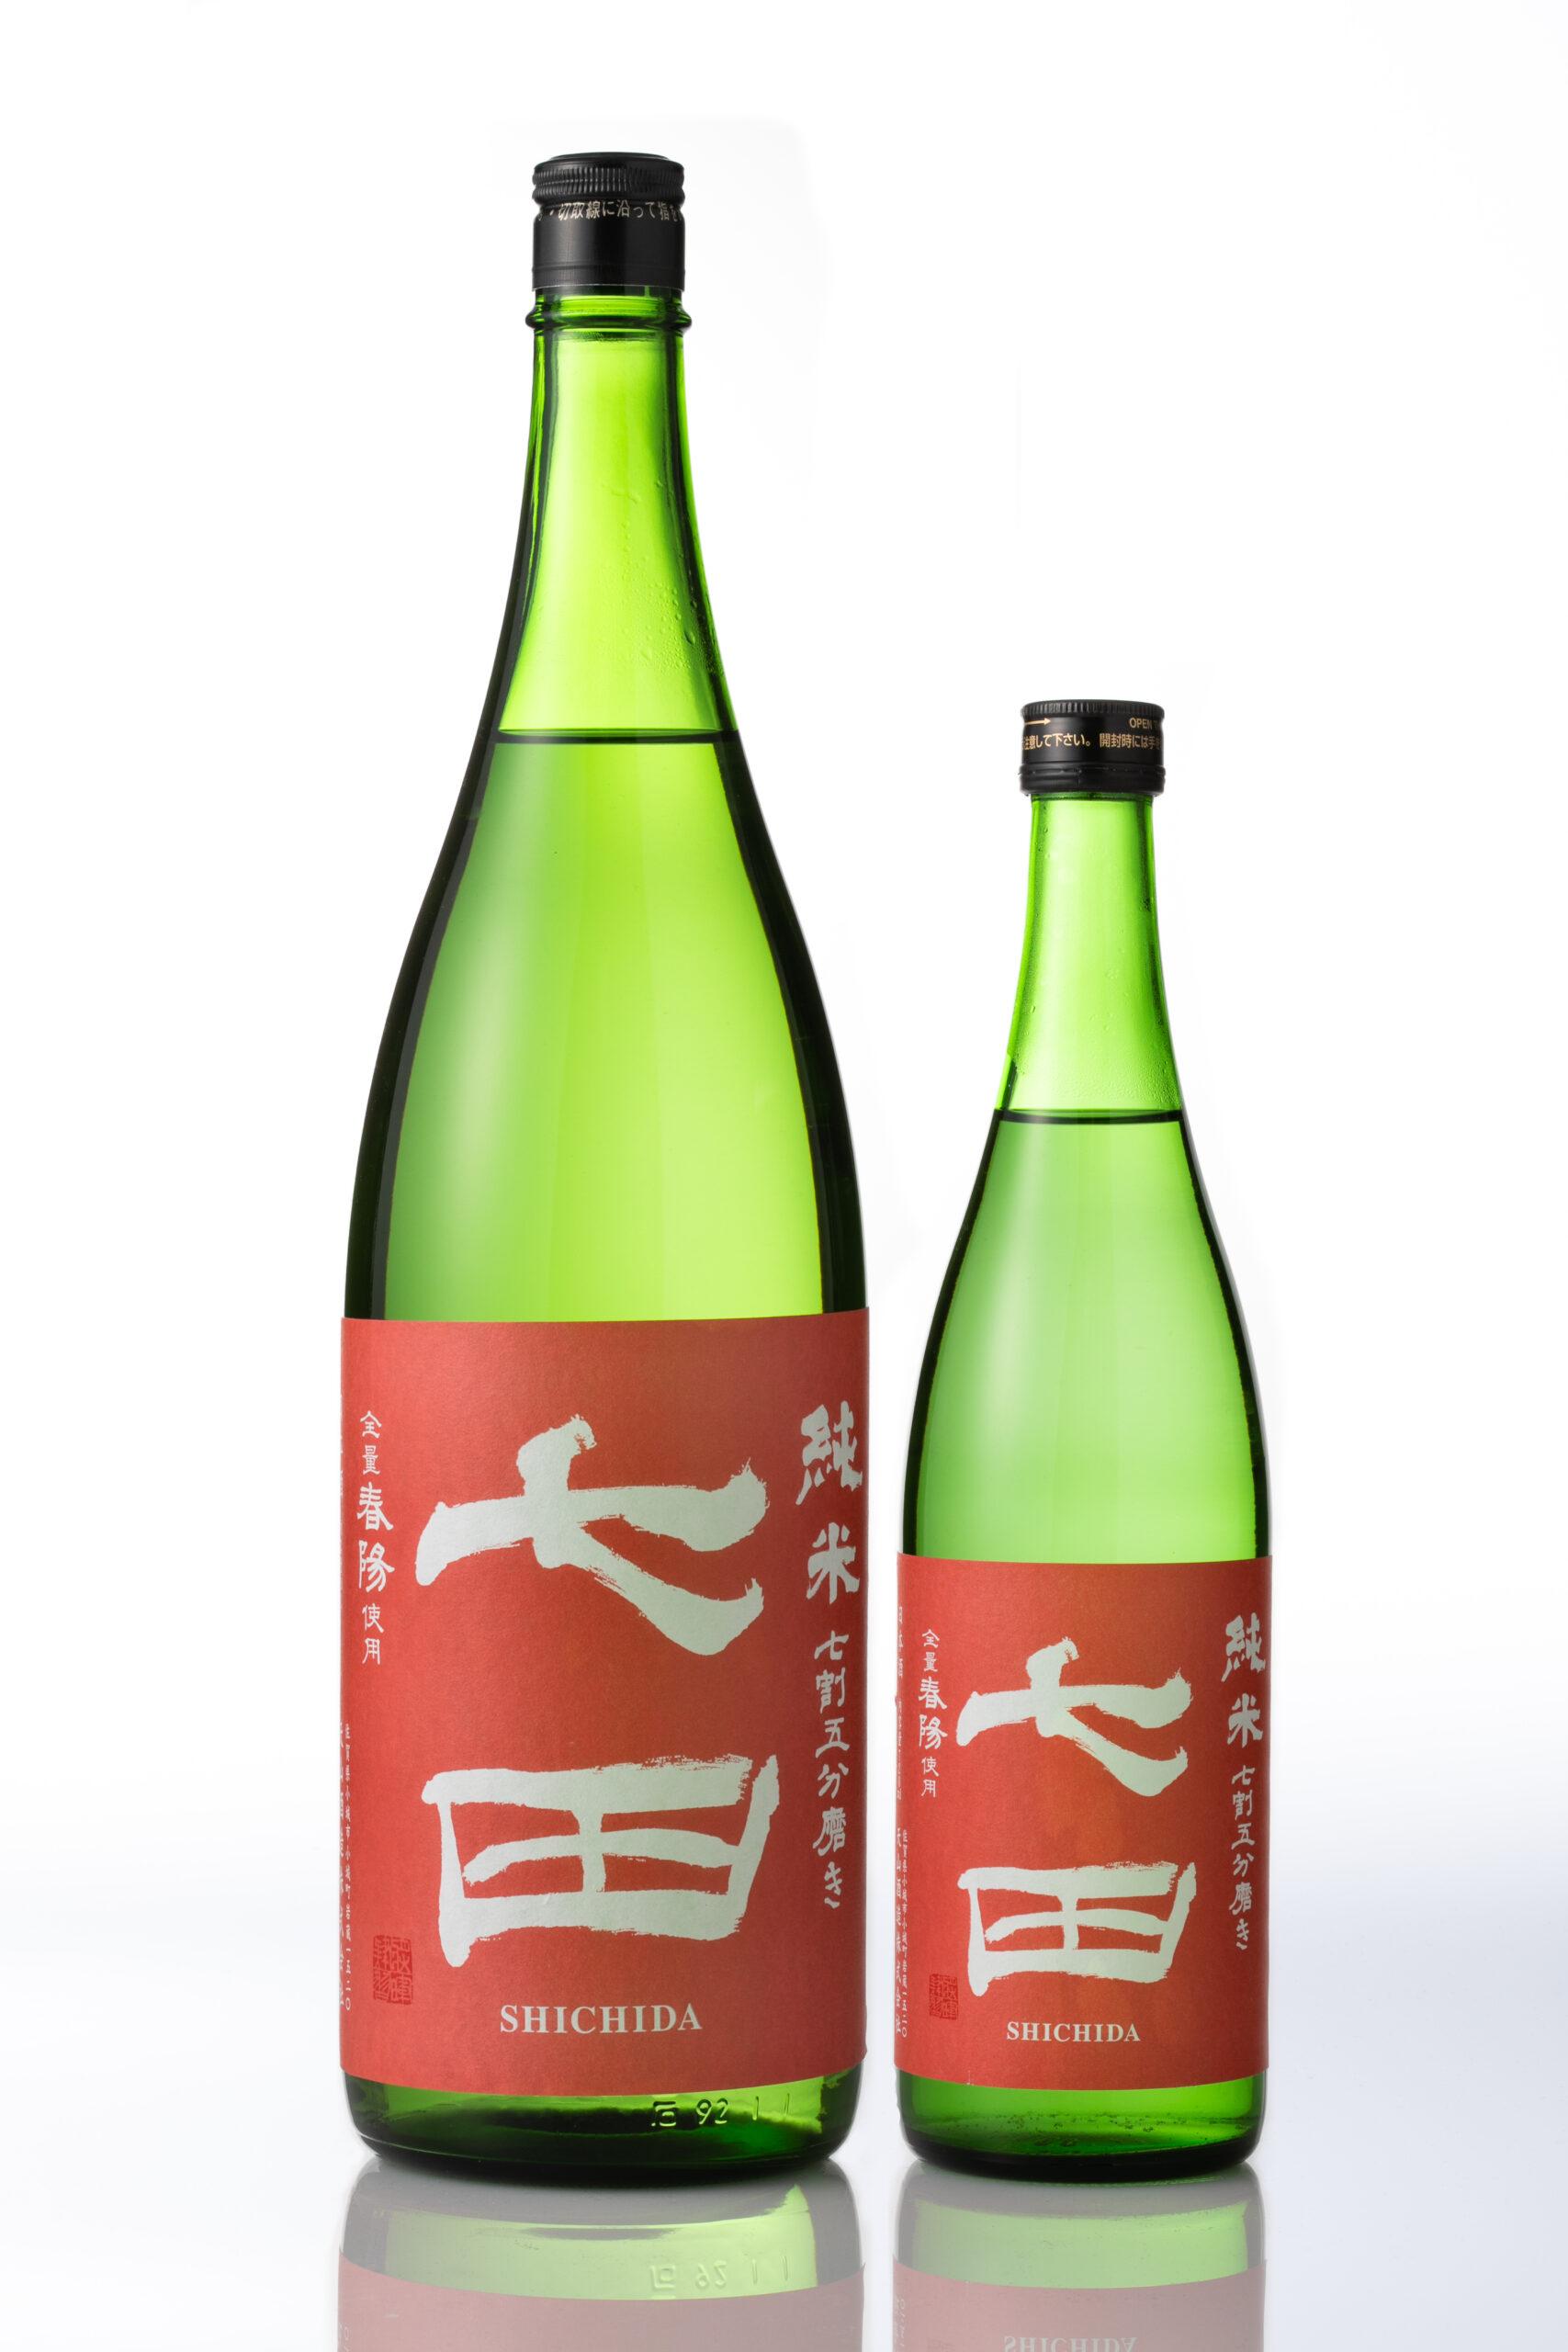 【白ワインのような味わいの日本酒が登場】七田 七割五分磨きシリーズに新しいお米《春陽》が4月7日(水)から蔵出し開始